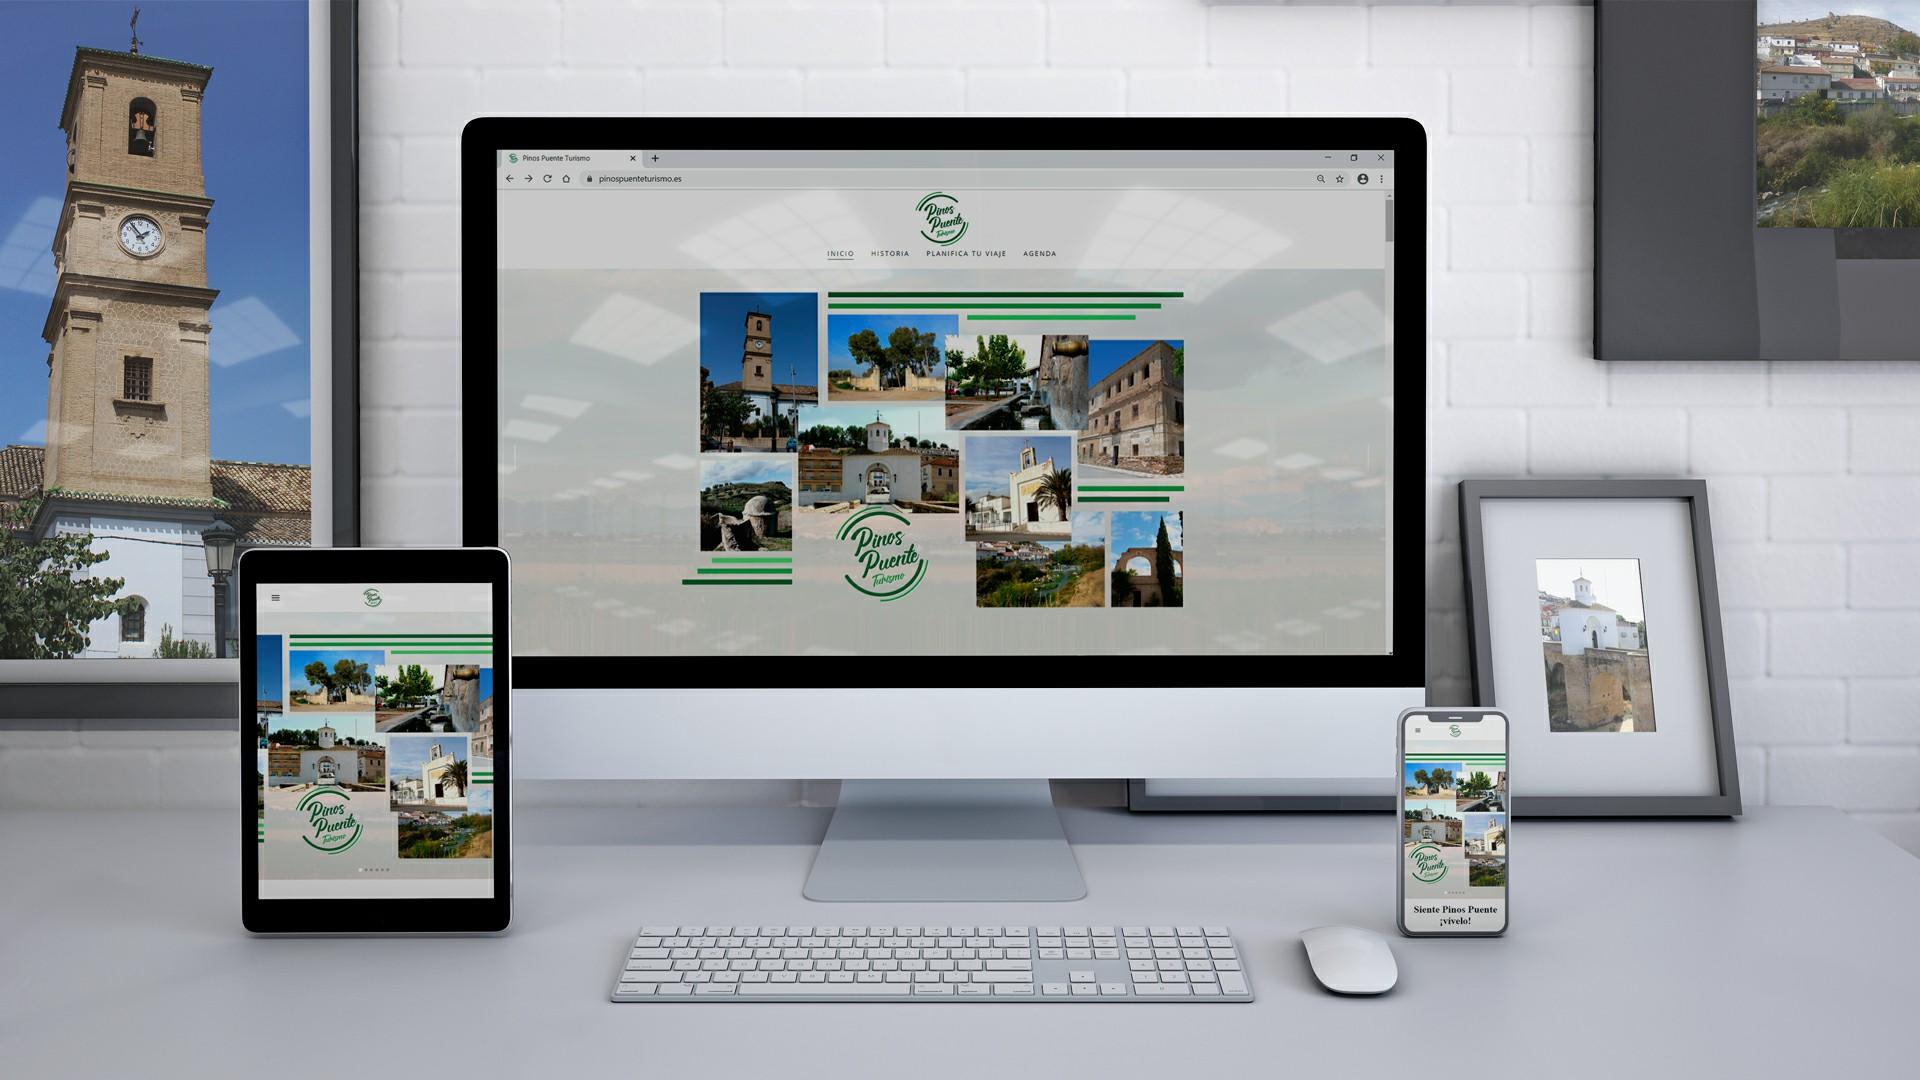 Presentación página web Pinos Puente Turismo